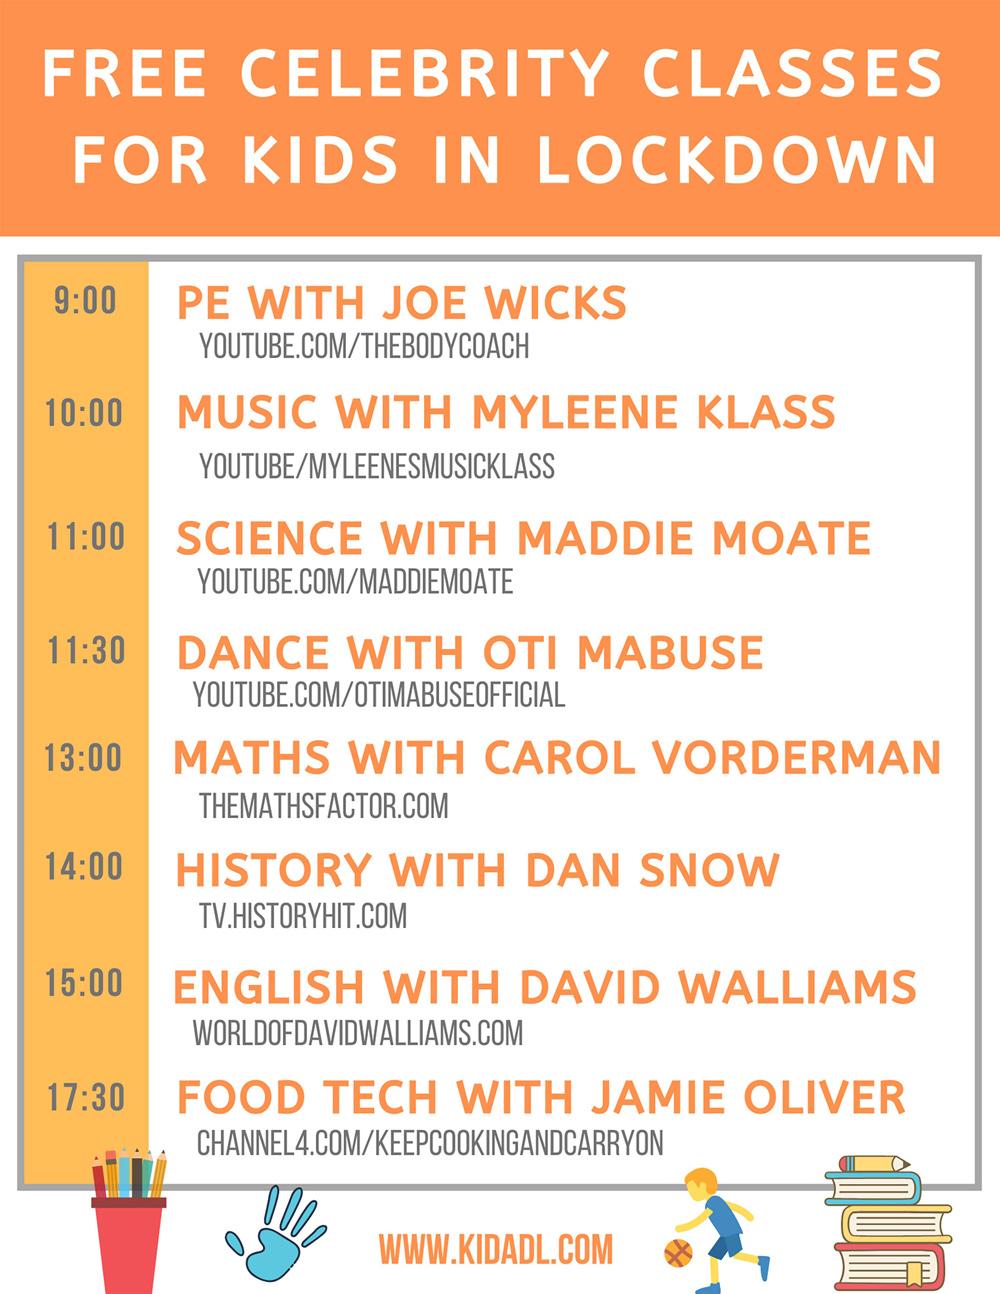 Free celebrity classes for kids in lockdown.